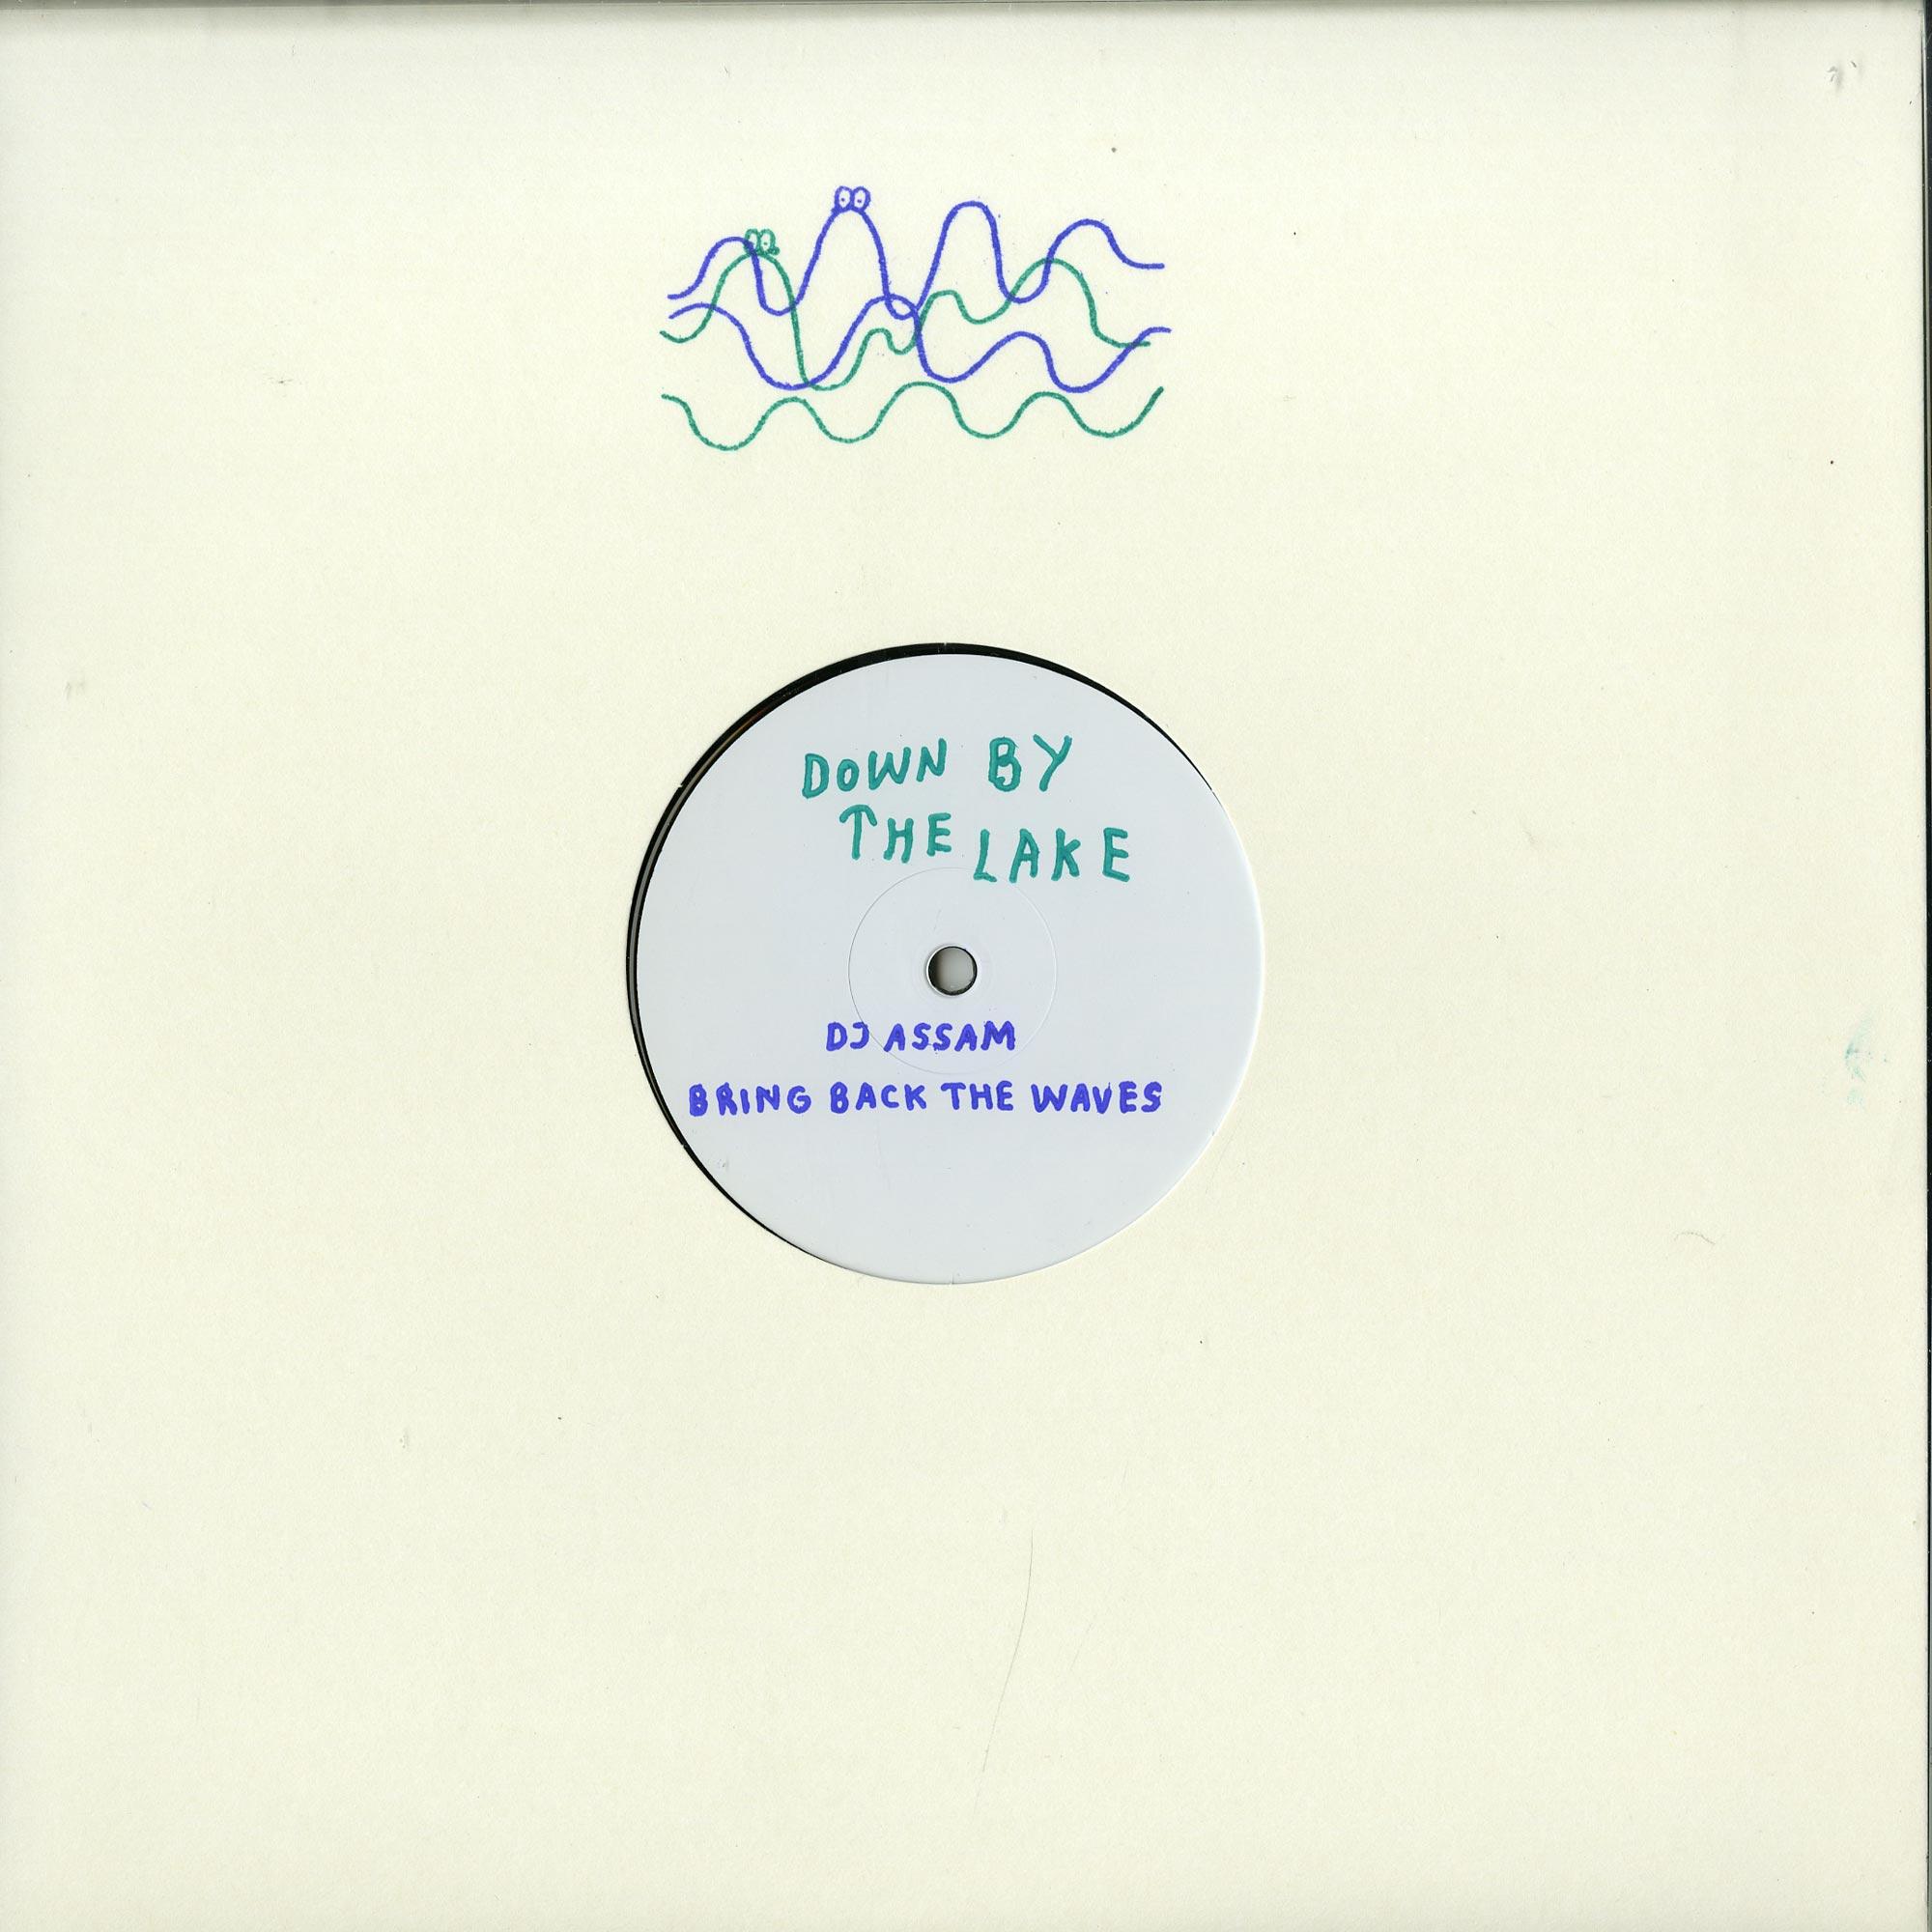 DJ Assam - BRING BACK THE WAVES